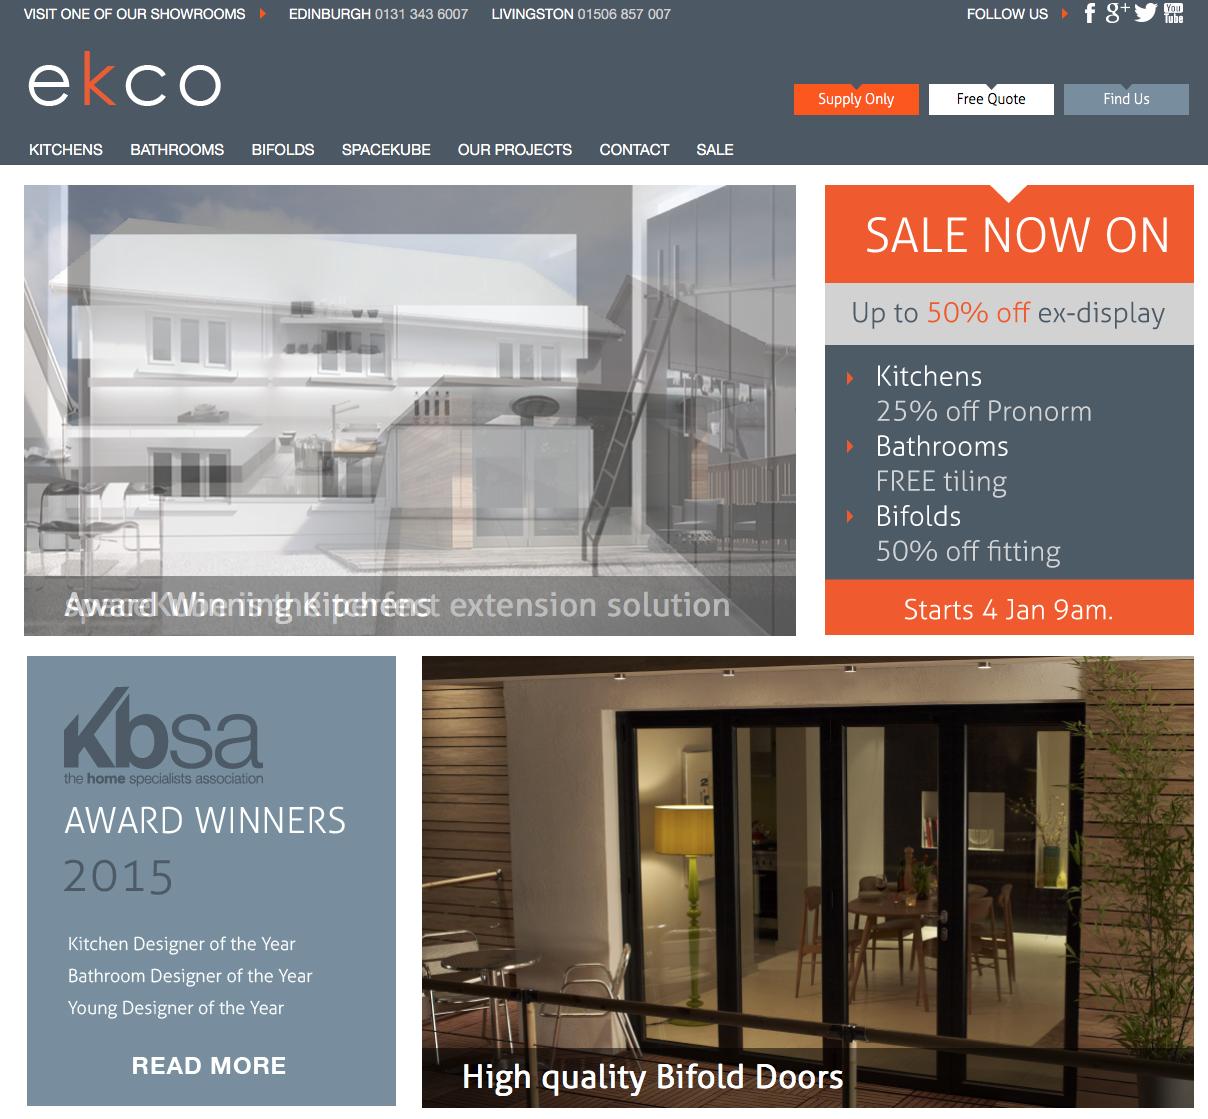 EKCO – Client SEO Case Study